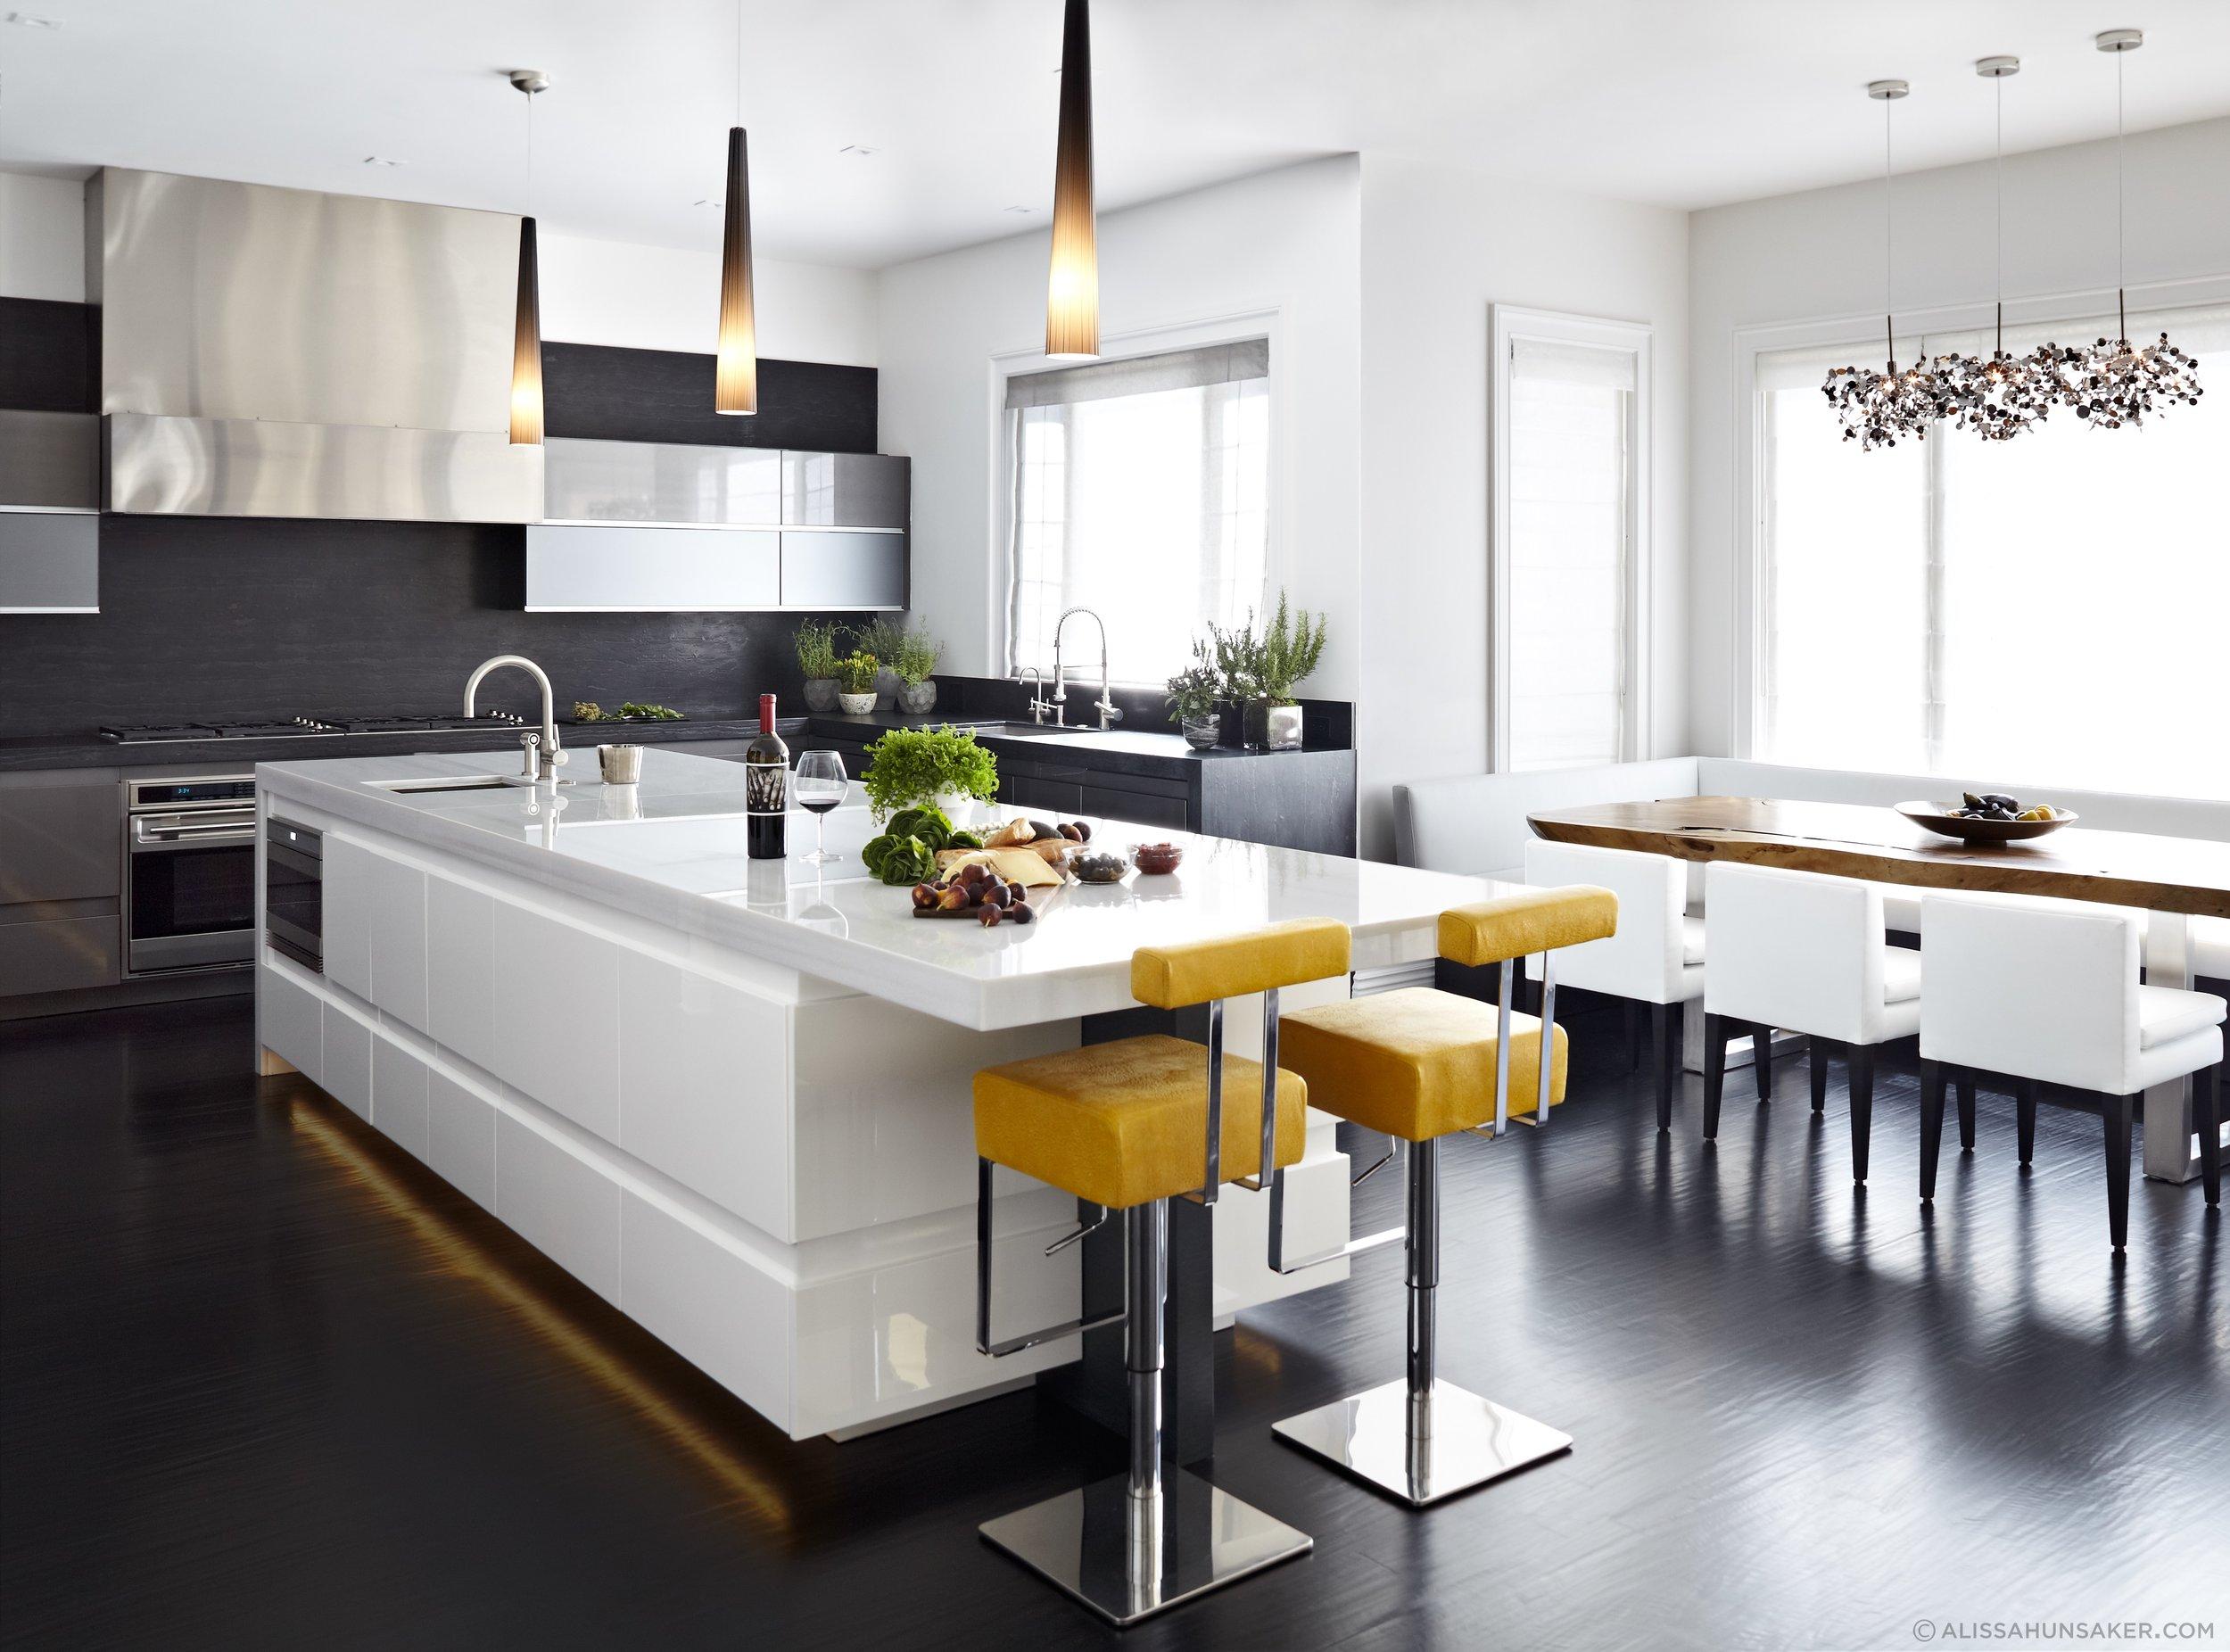 Principe_Kitchen2_Large.jpg